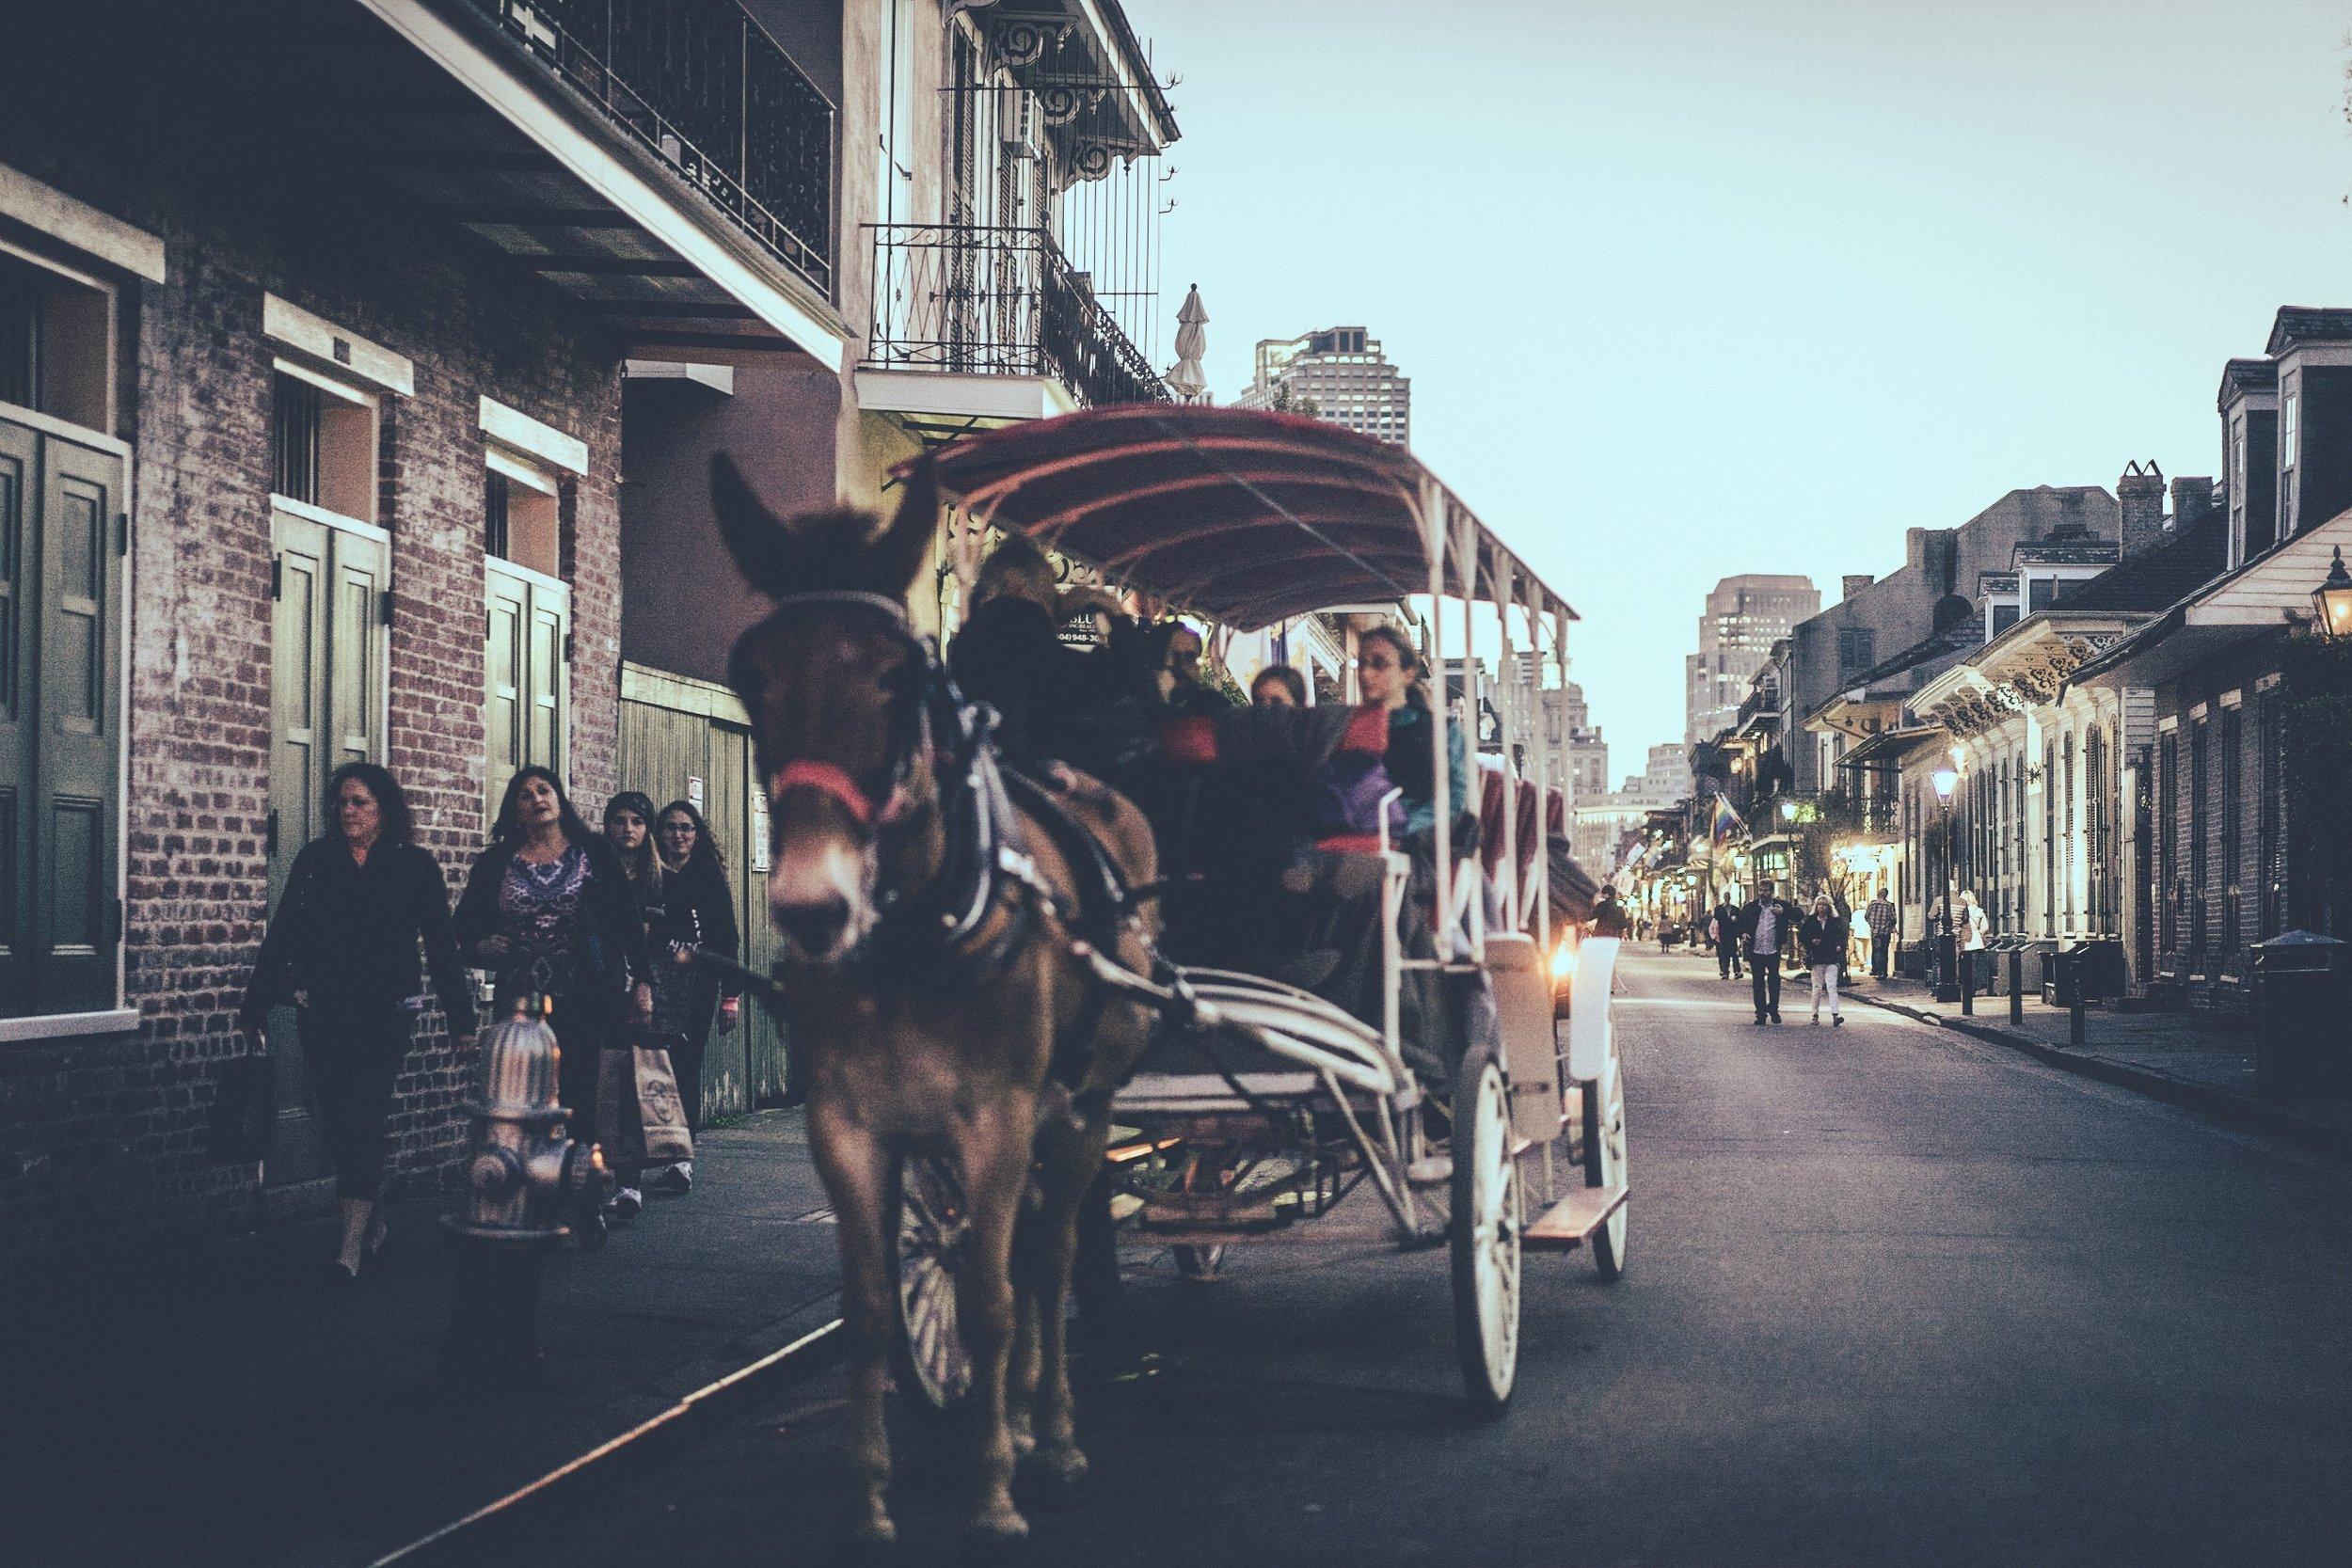 Riding shotgun in New Orleans